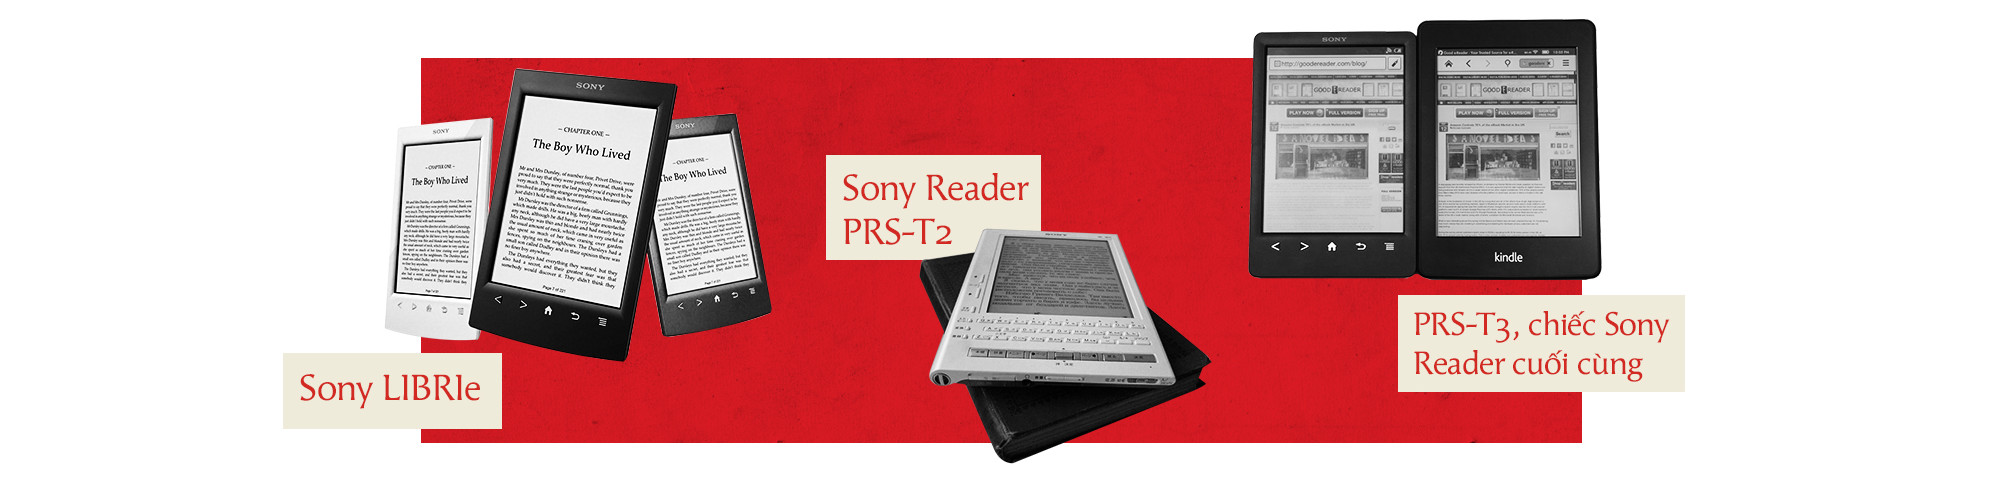 Toàn cảnh cú trượt dài từ vị thế thống trị đến hiện tại mờ nhạt của Sony - Ảnh 19.